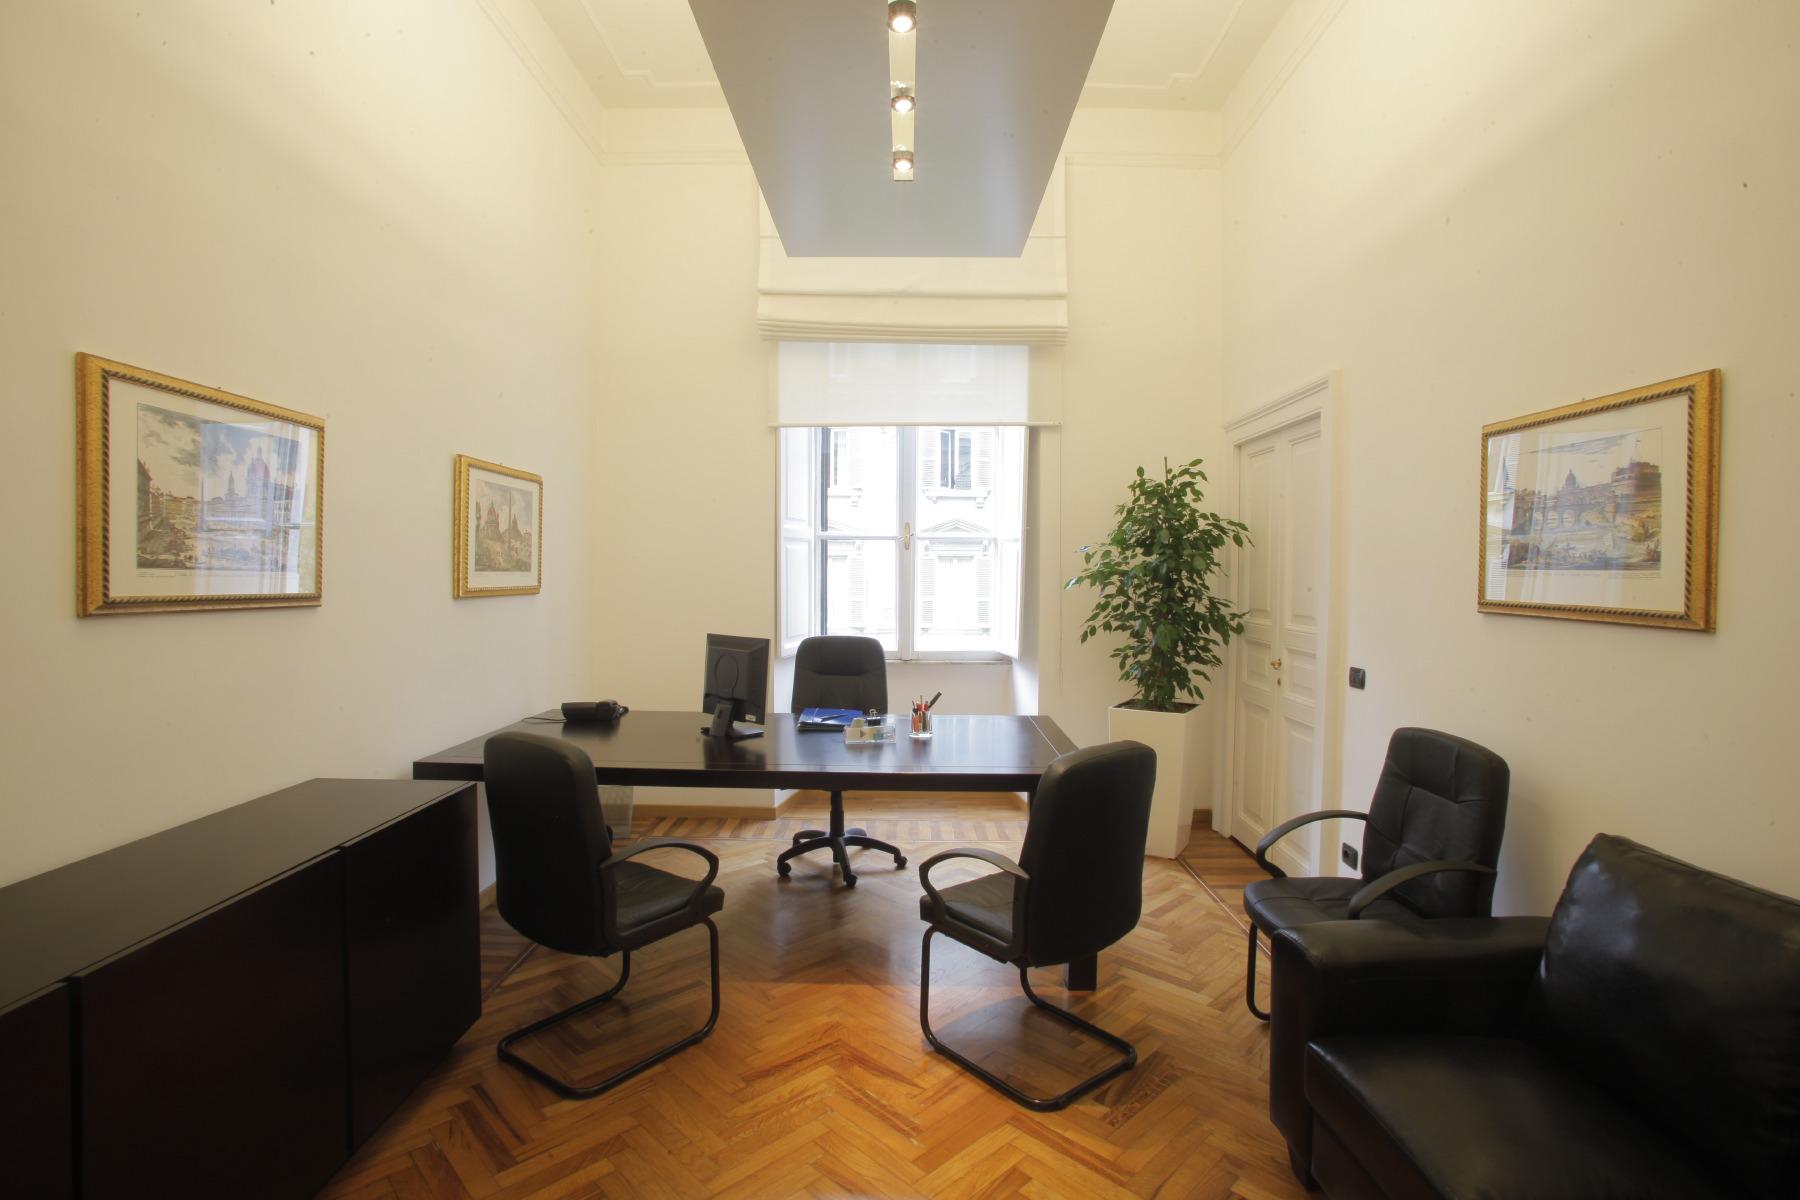 Ufficio Virtuale A Roma : A premium uffici in affitto roma business center roma